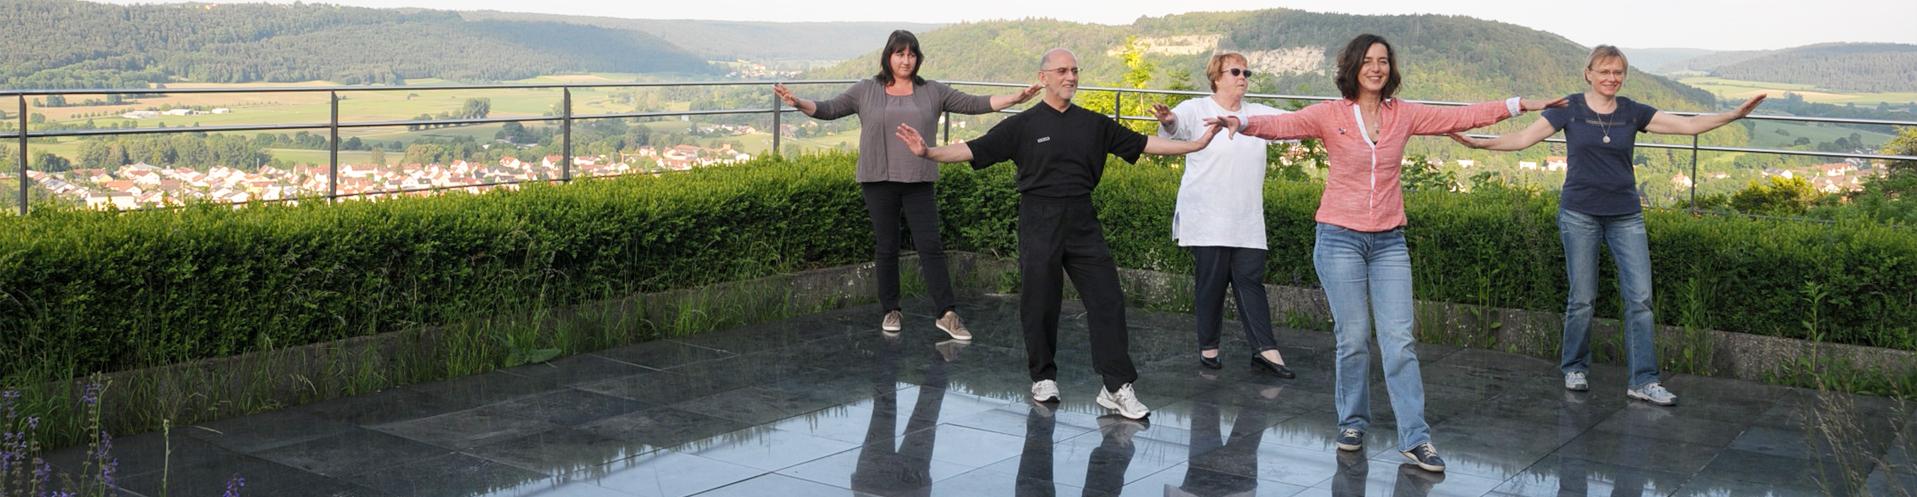 Qigong Yangsheng hat viele positive Auswirkungen auf die körperliche und seelische Gesundheit. Unterricht in Augsburg bei Jeanne Graf de Vergara. www.qigong-in-augsburg.de